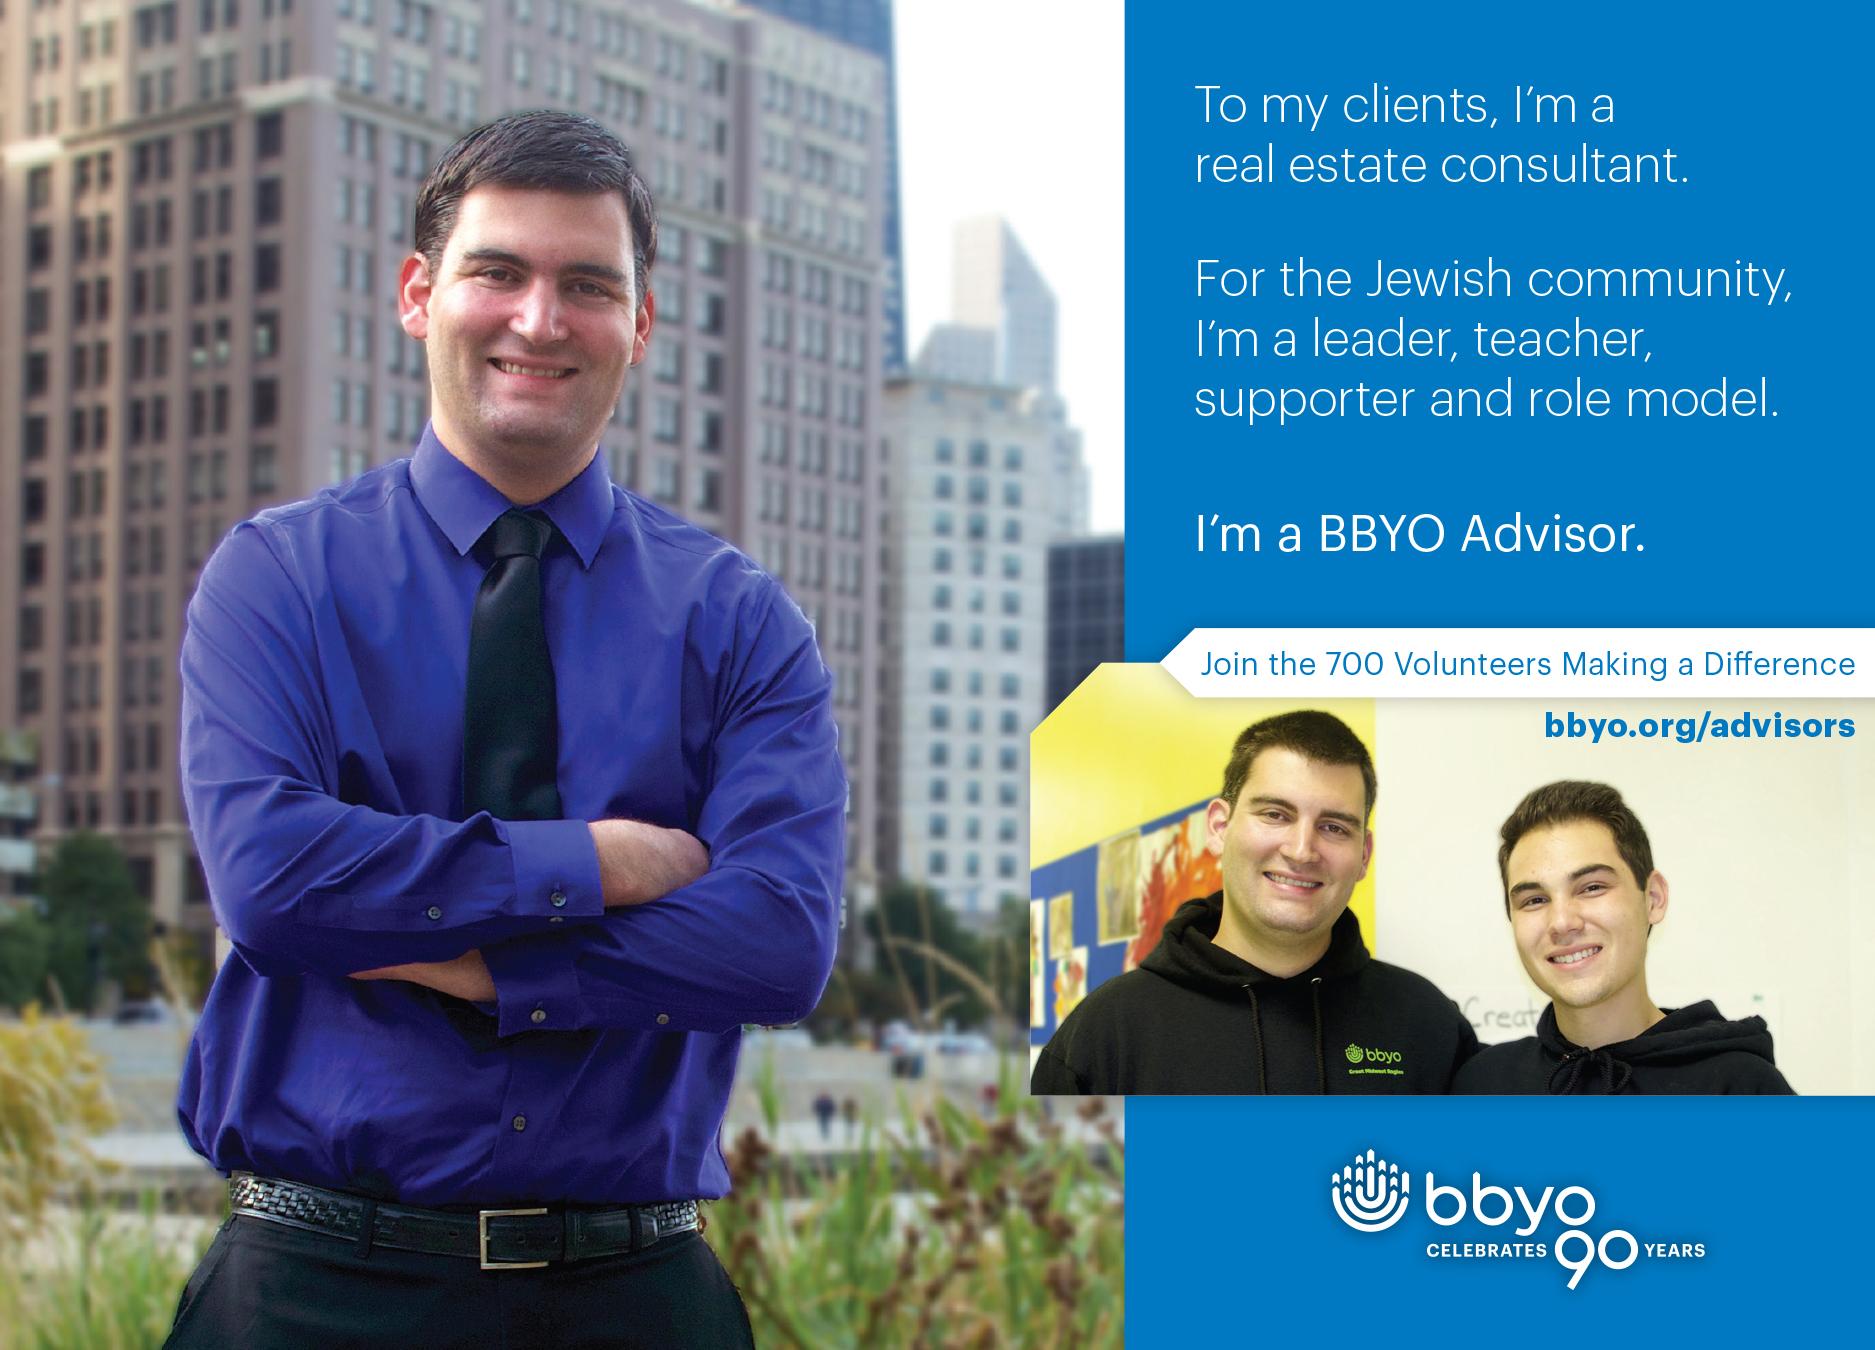 bbyo advisor